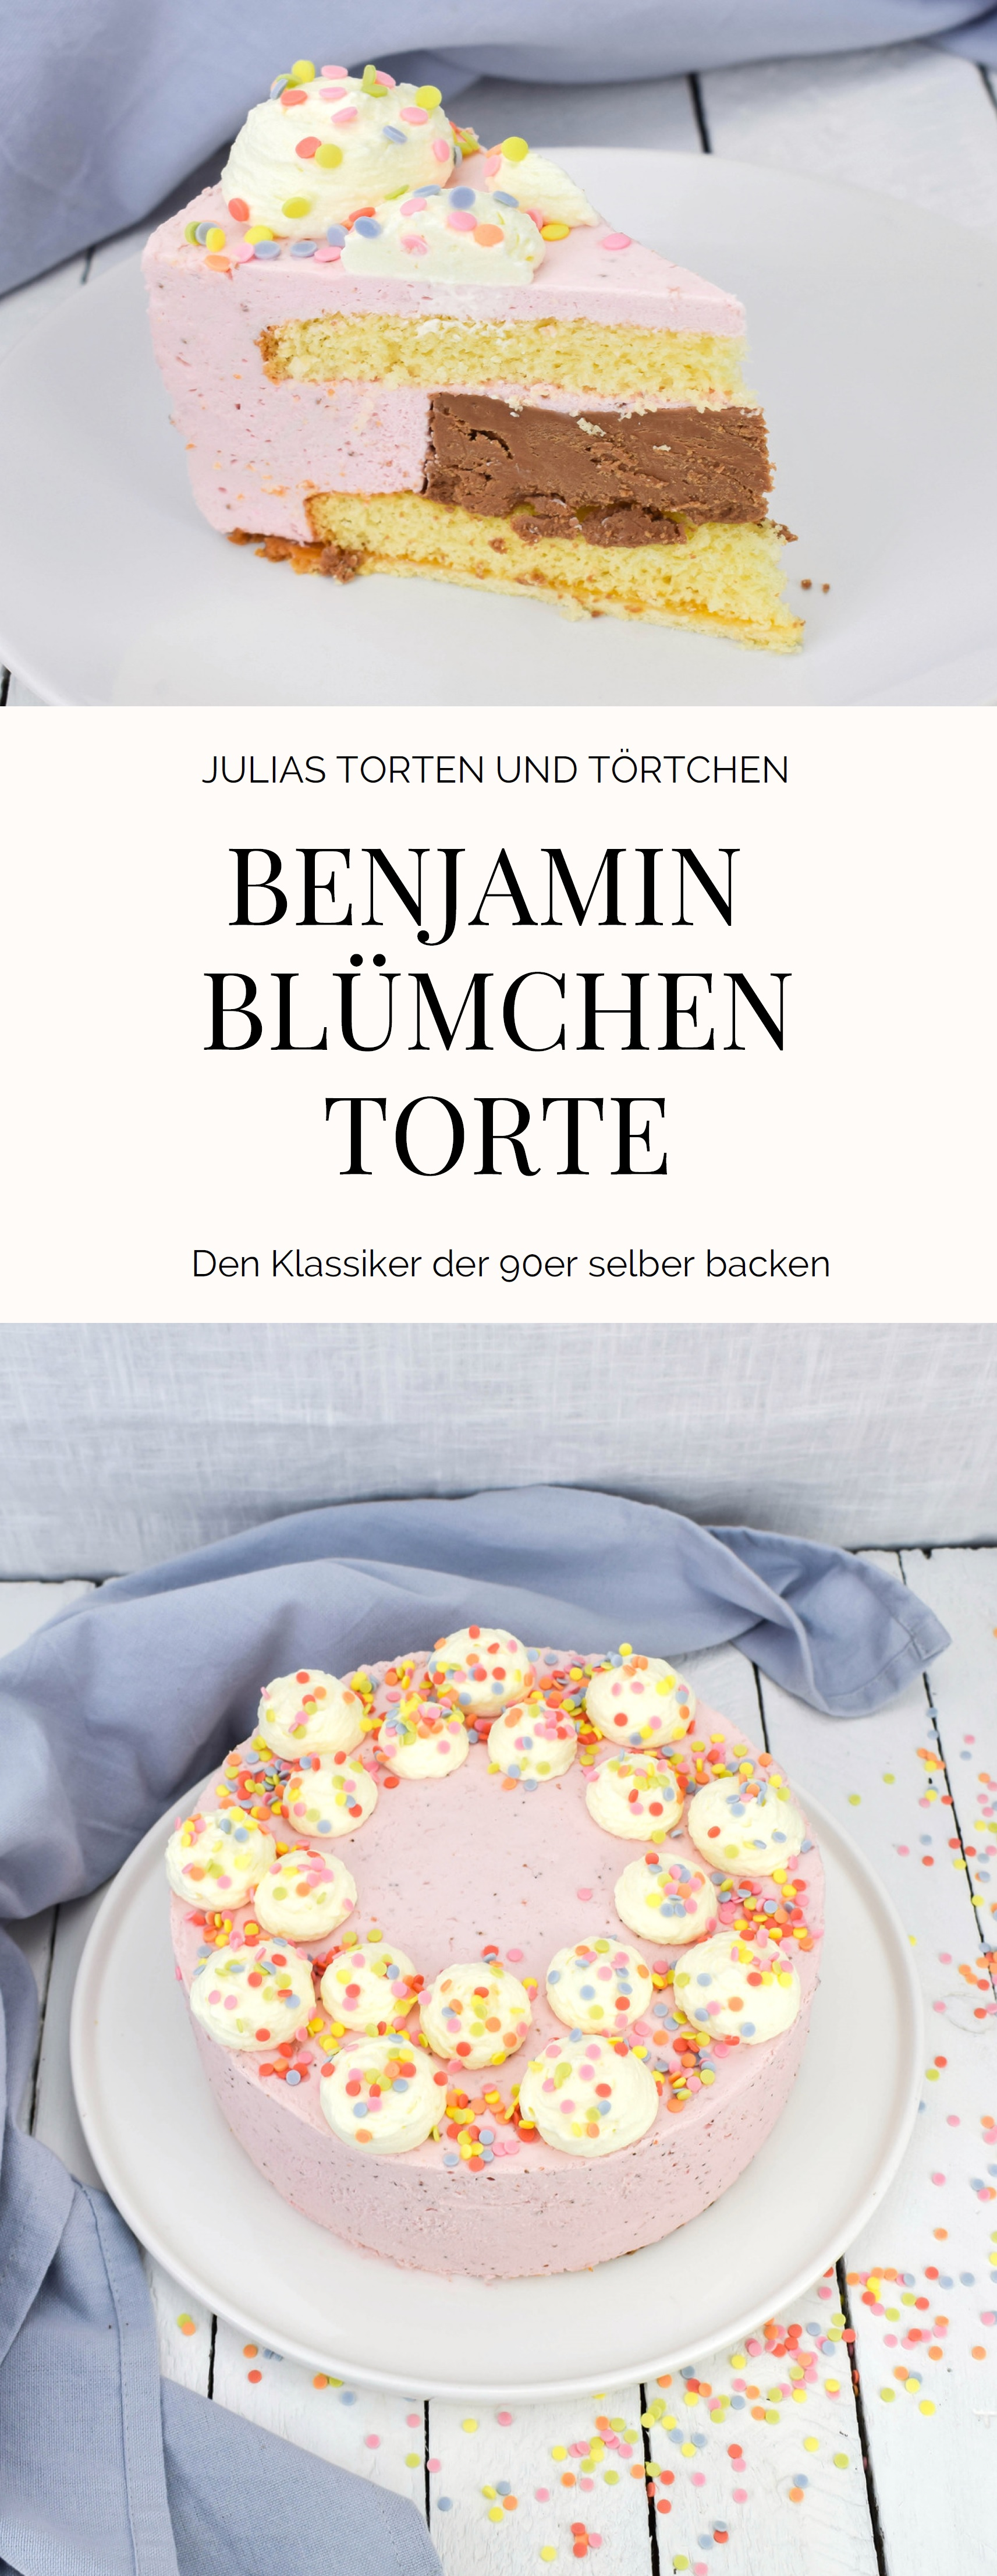 Benjamin Blumchen Torte Julias Torten Und Tortchen